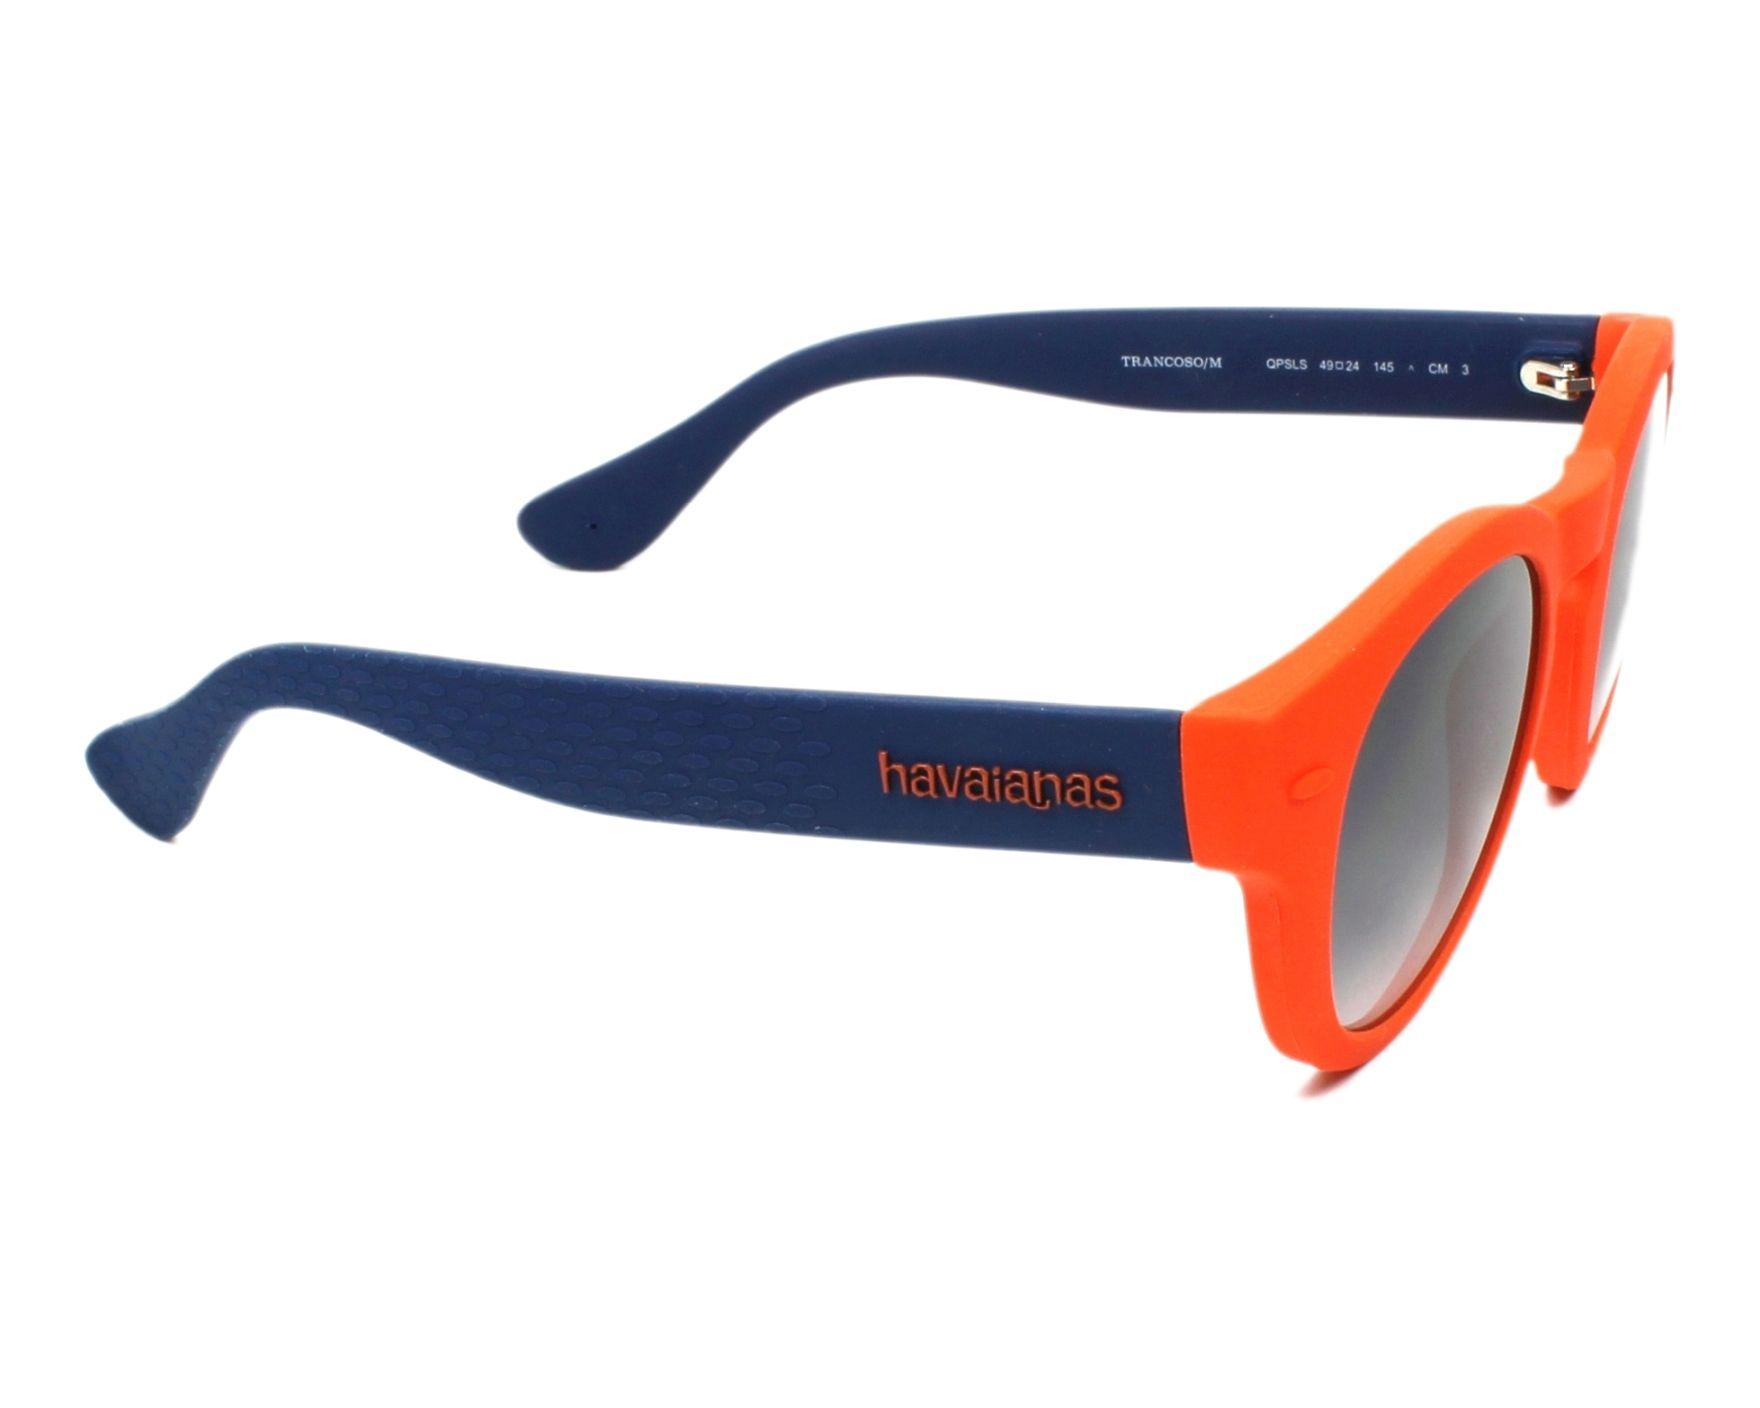 5ece0b564b5 Lunettes de soleil Havaianas TRANSCOSO-M QPS LS 49-24 Orange Bleu vue